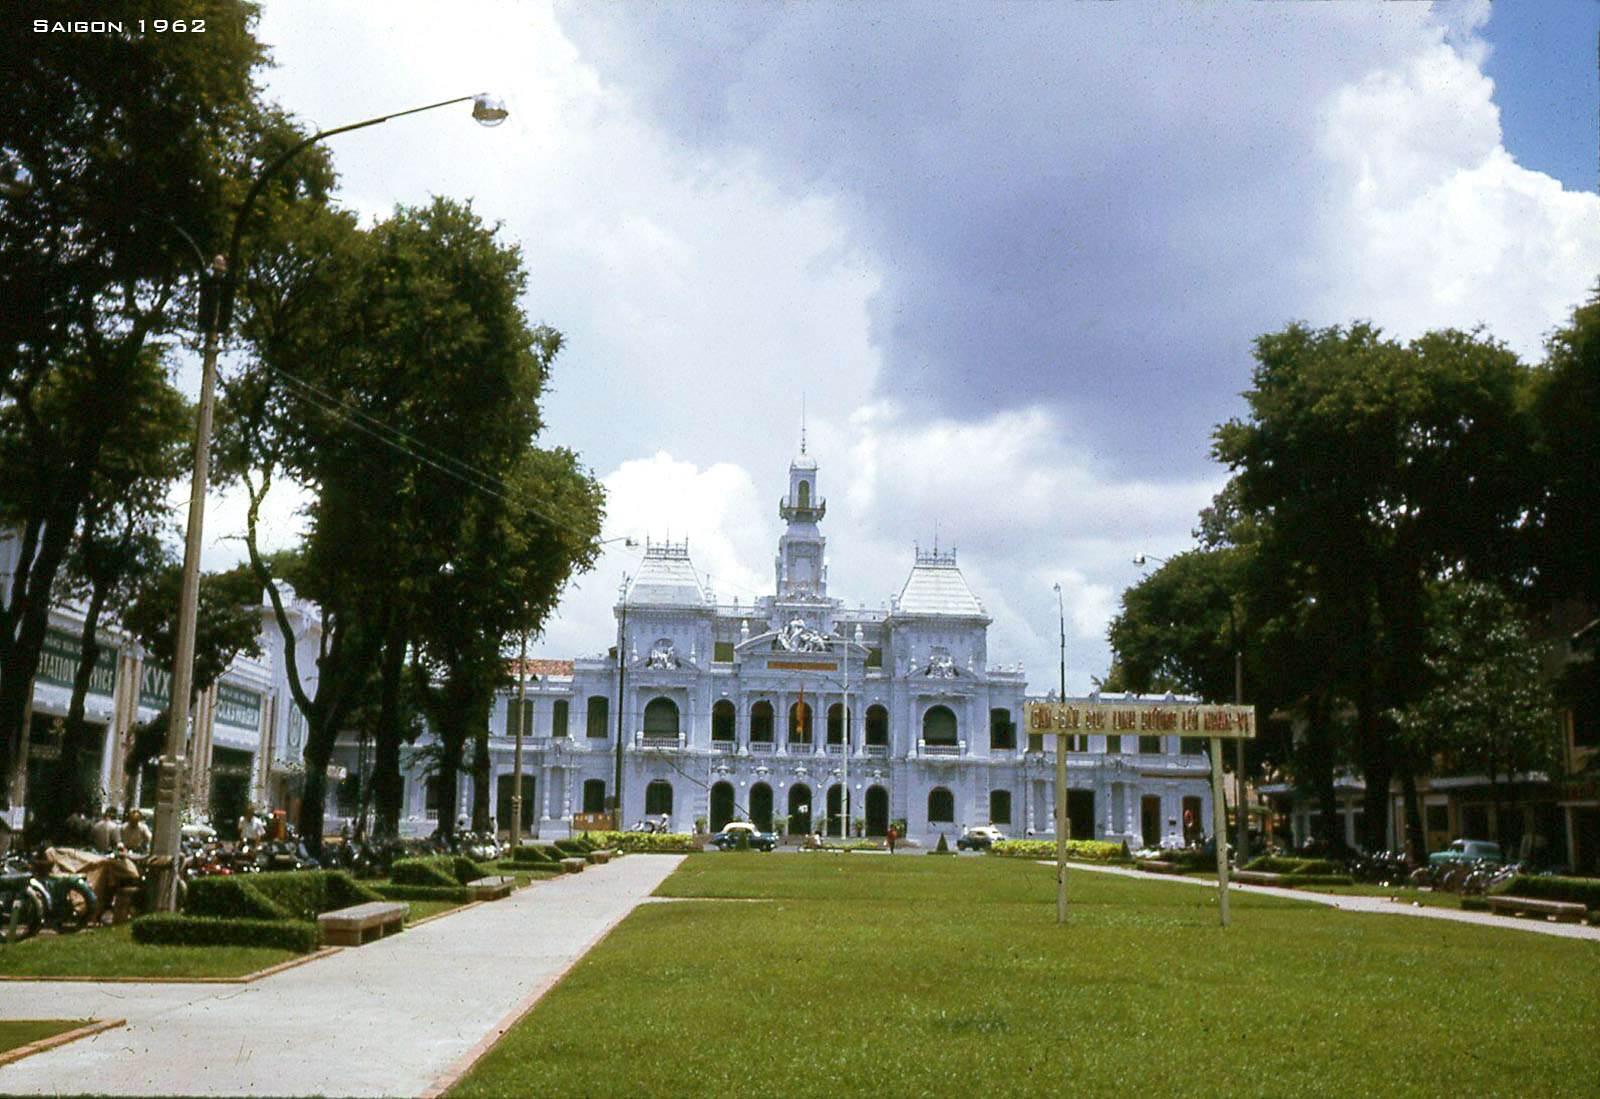 Tòa Đô Chánh, nay là trụ sở UBND Thành Phố Hồ Chí Minh